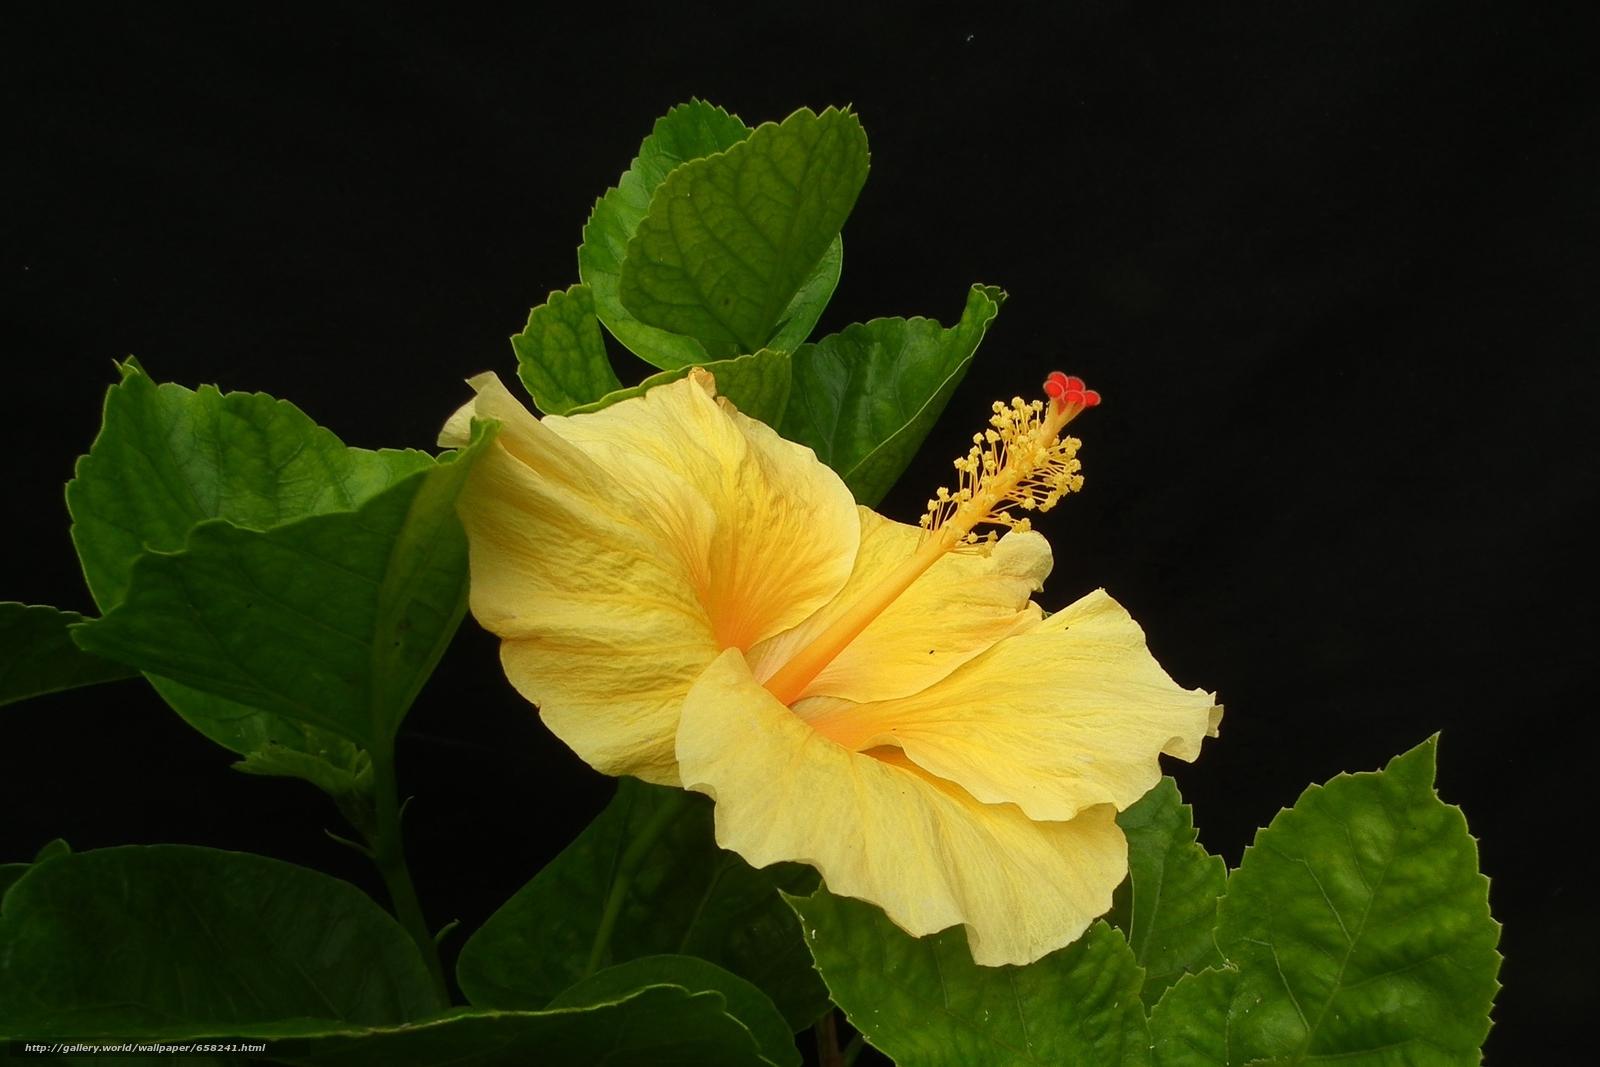 Скачать обои Гибискус,  Hibiscus,  цветы,  цветок бесплатно для рабочего стола в разрешении 2100x1400 — картинка №658241